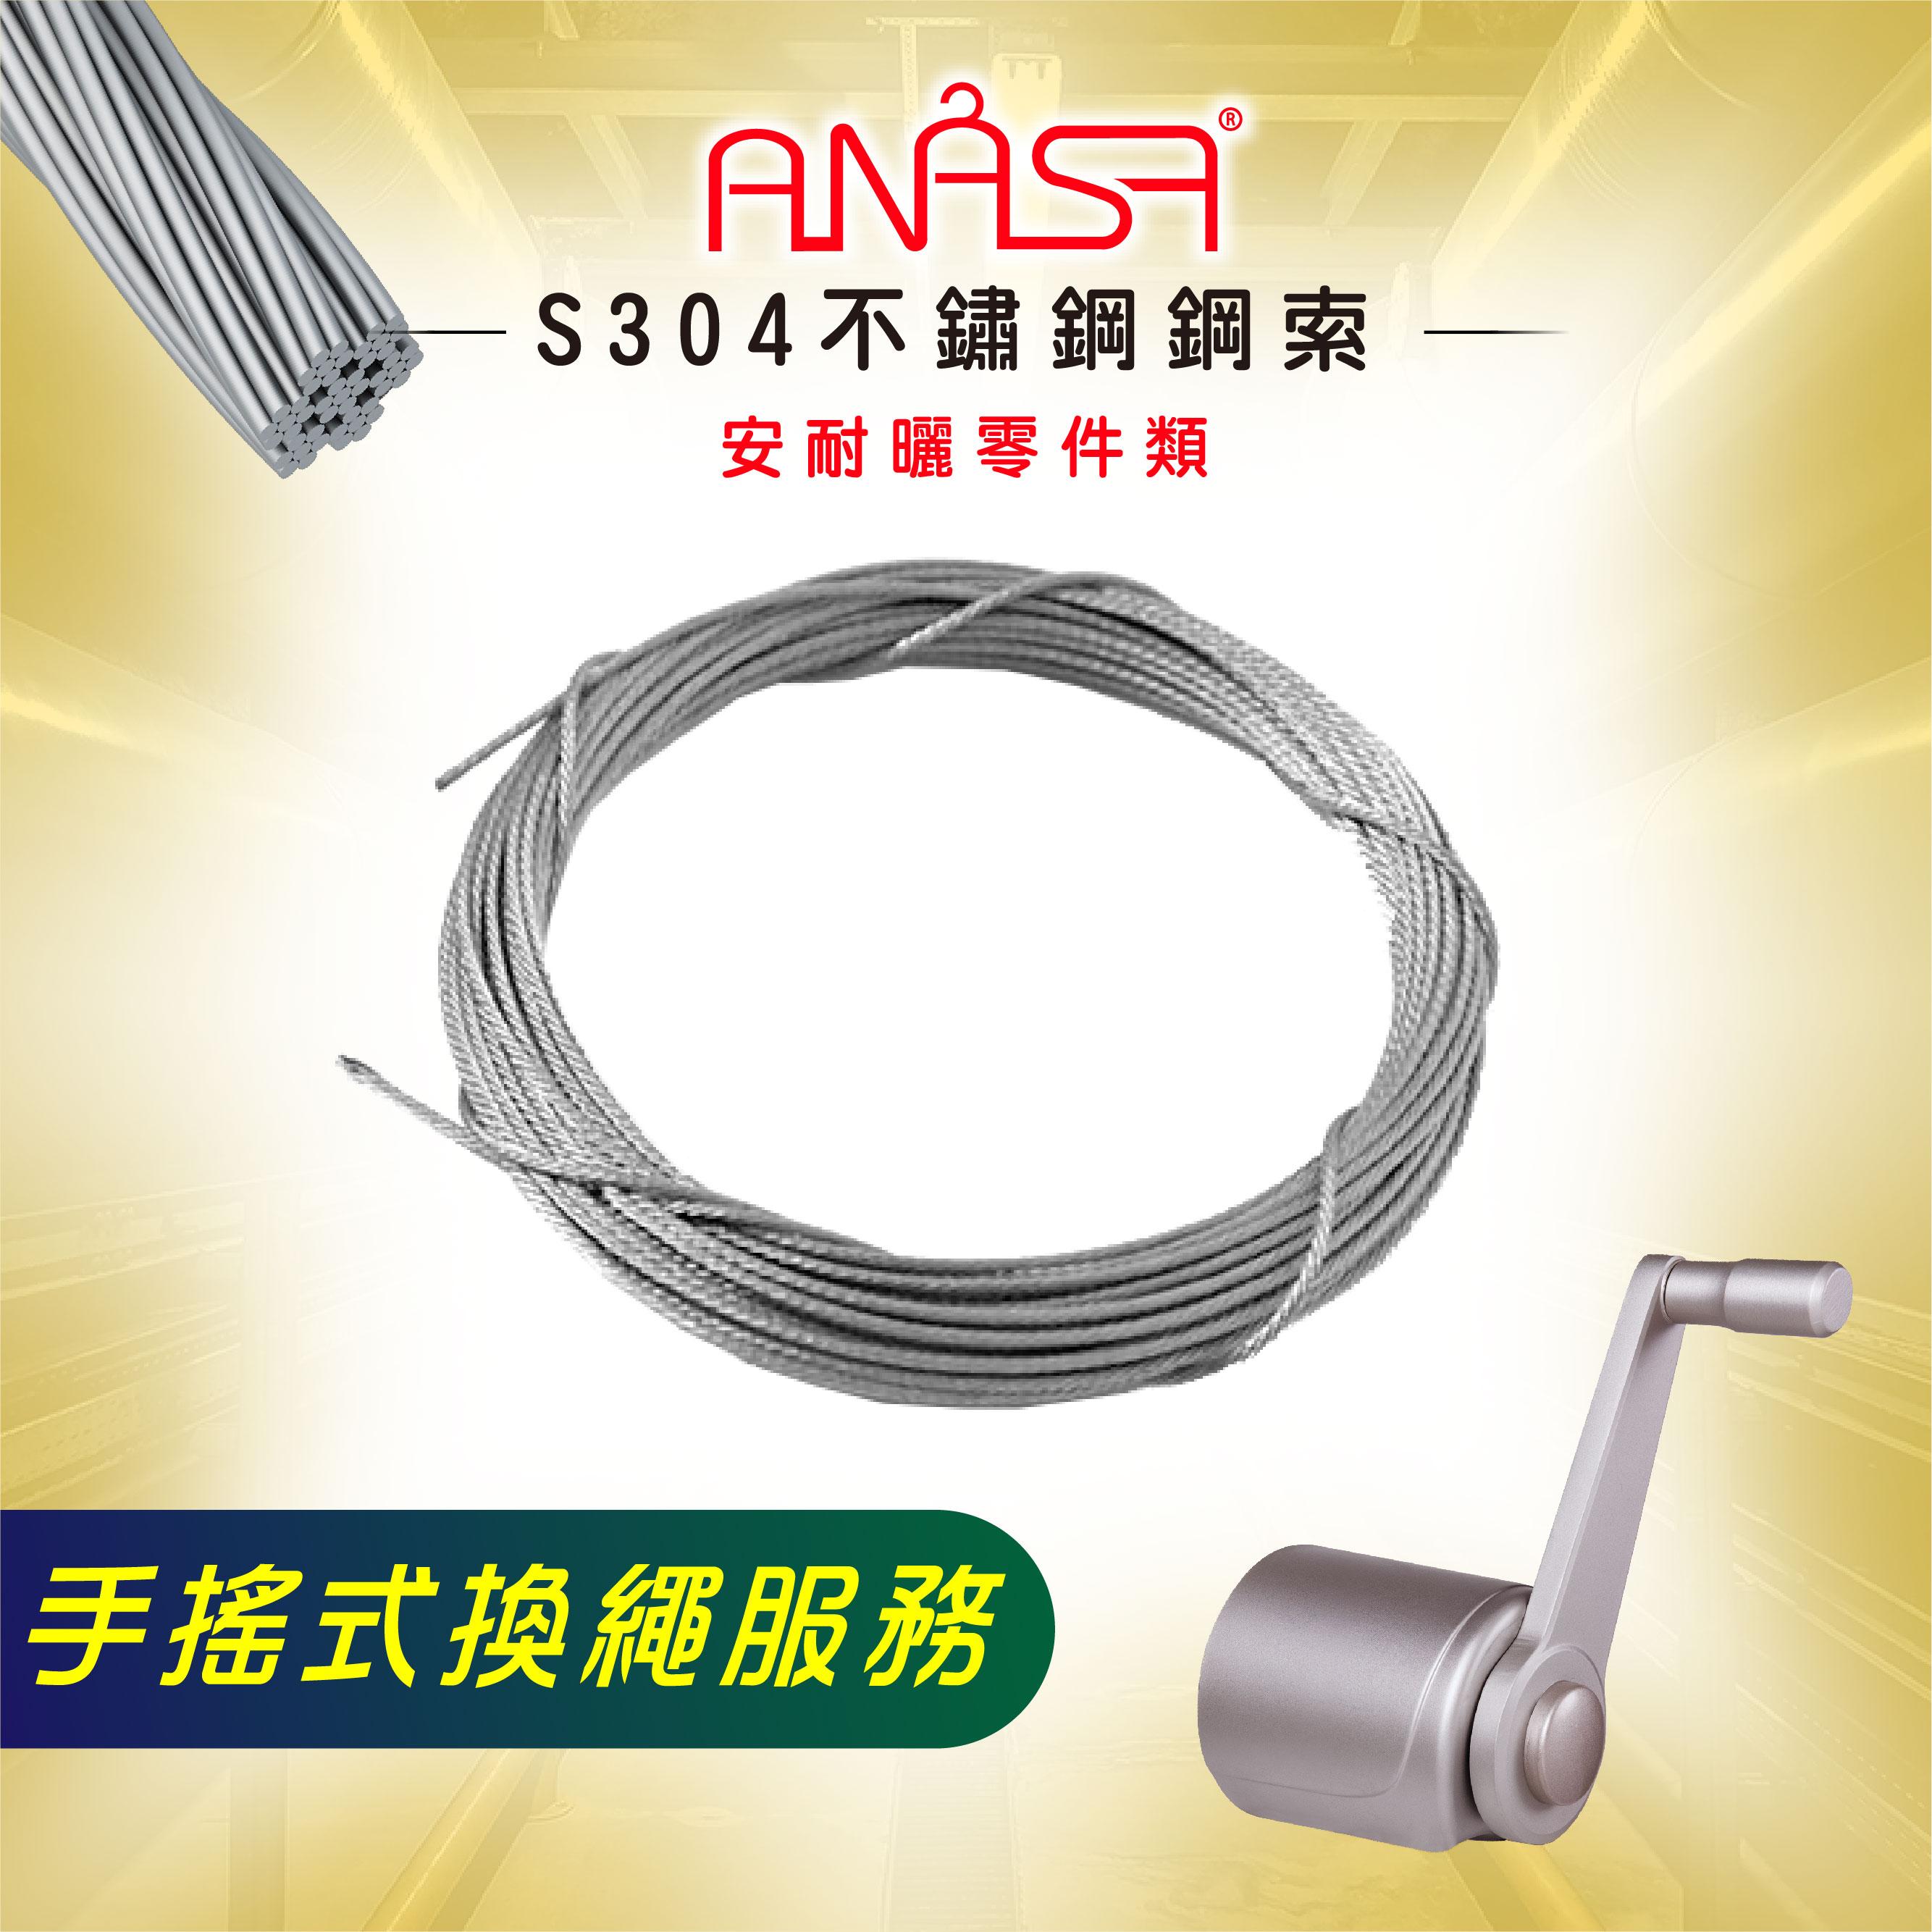 換繩:S304不鏽鋼【手搖式鋼索】